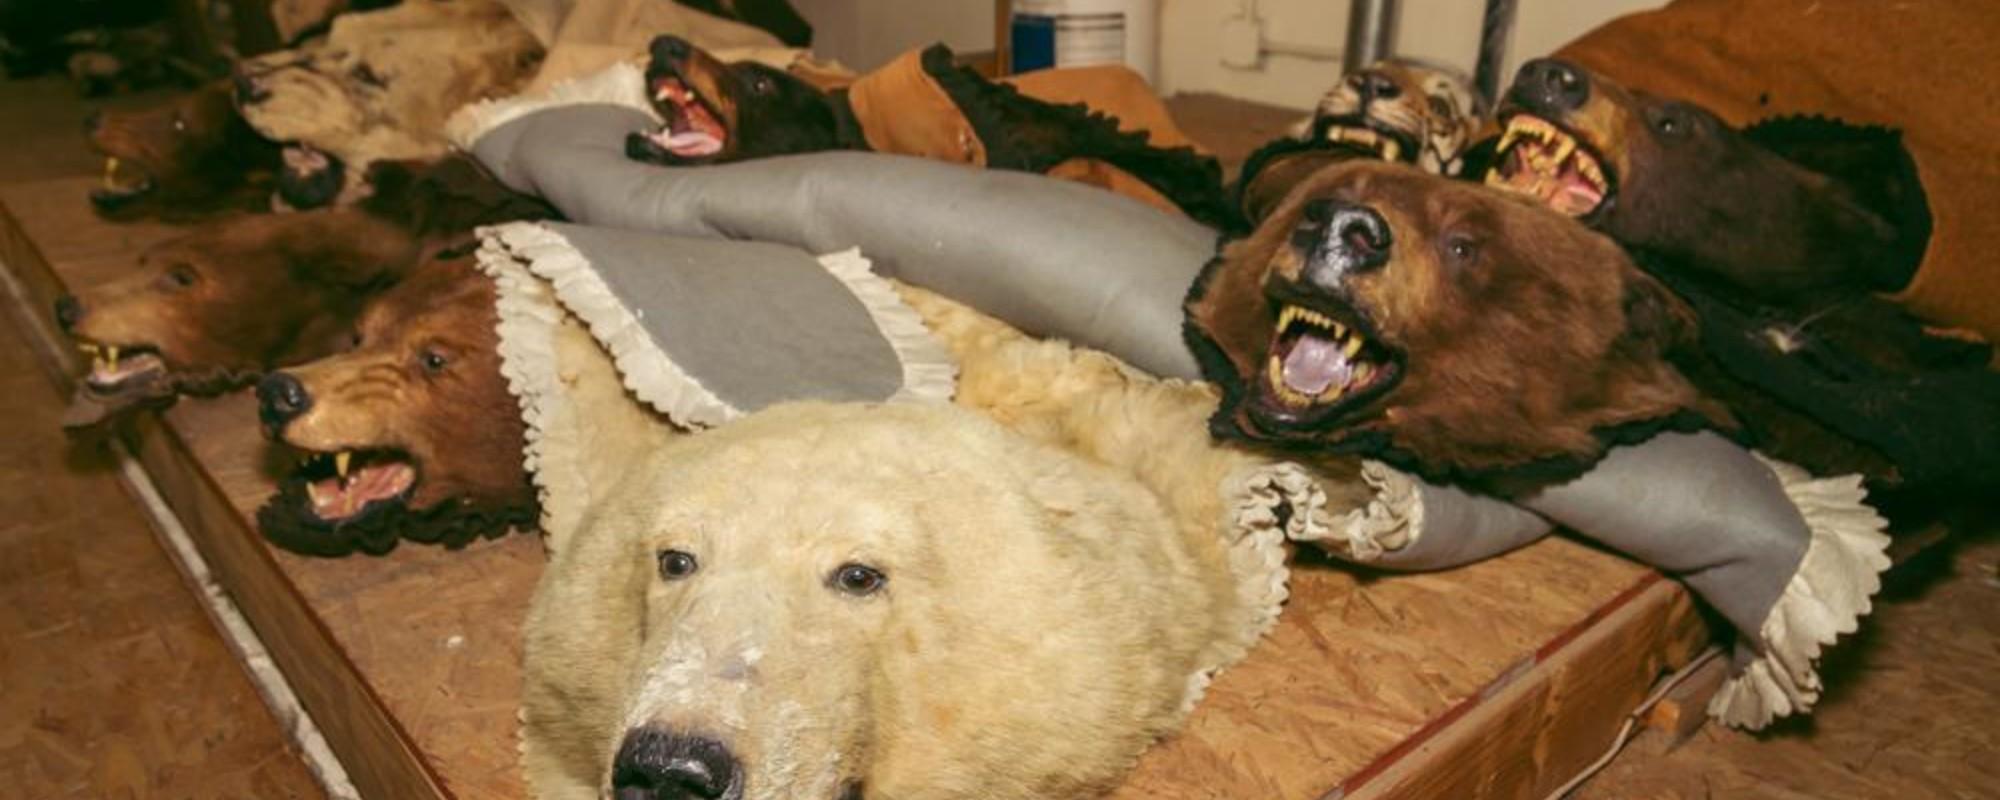 Fotografii cu animalele moarte din magazinul preferat al vedetelor de la Hollywood